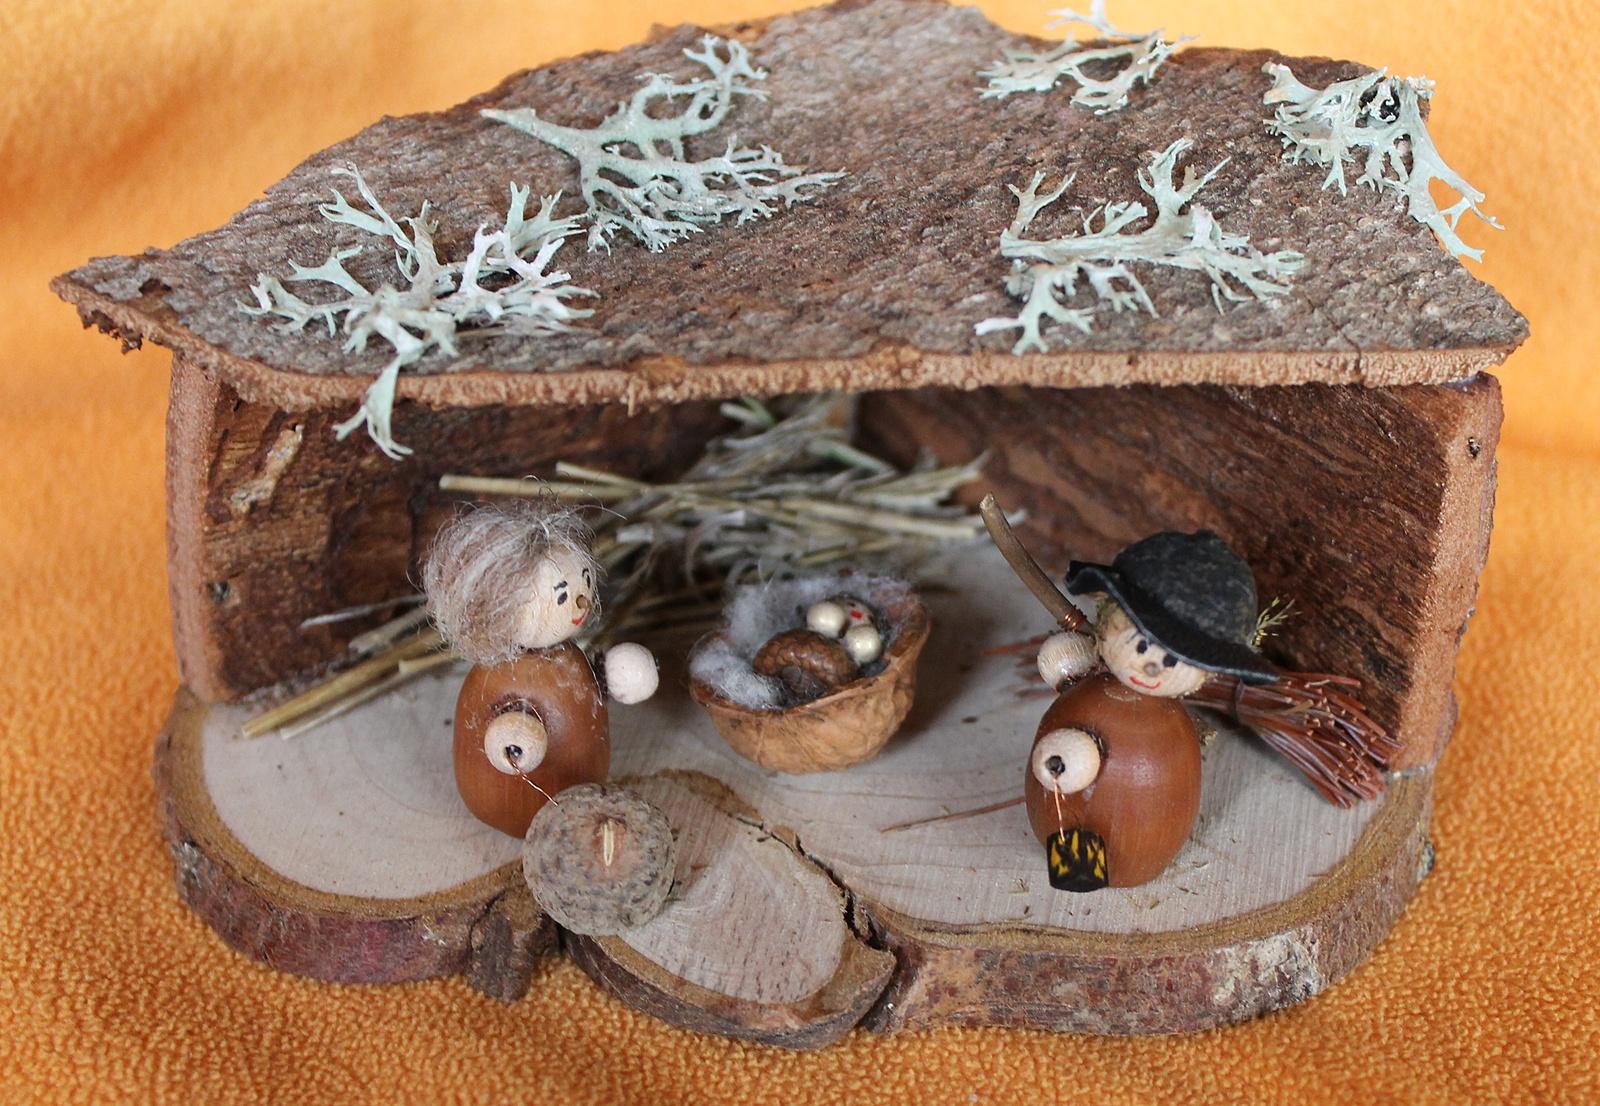 kreative kiste: krippe aus naturmaterialien basteln, Best garten ideen